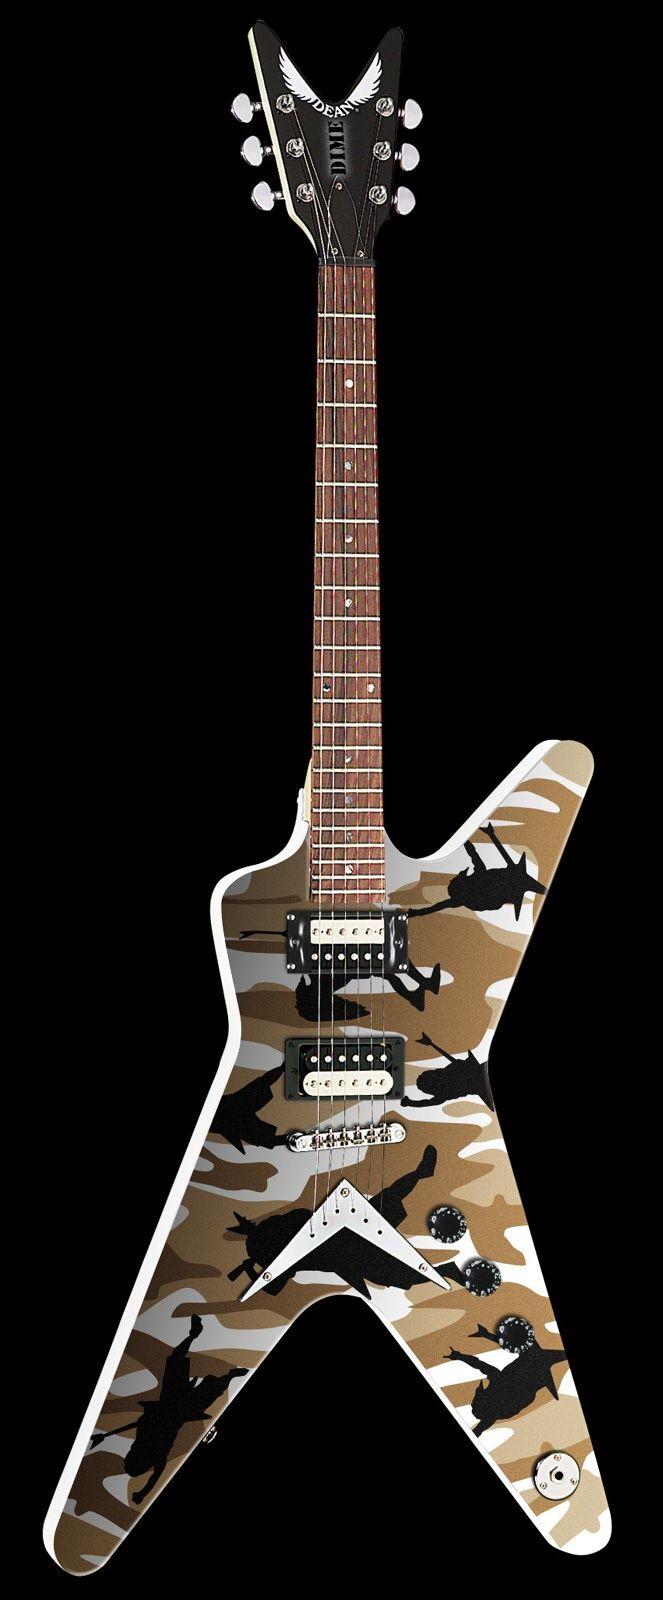 dimebag darrell guitar washburn made excellent guitars i haven 39 t seen or visited the website. Black Bedroom Furniture Sets. Home Design Ideas